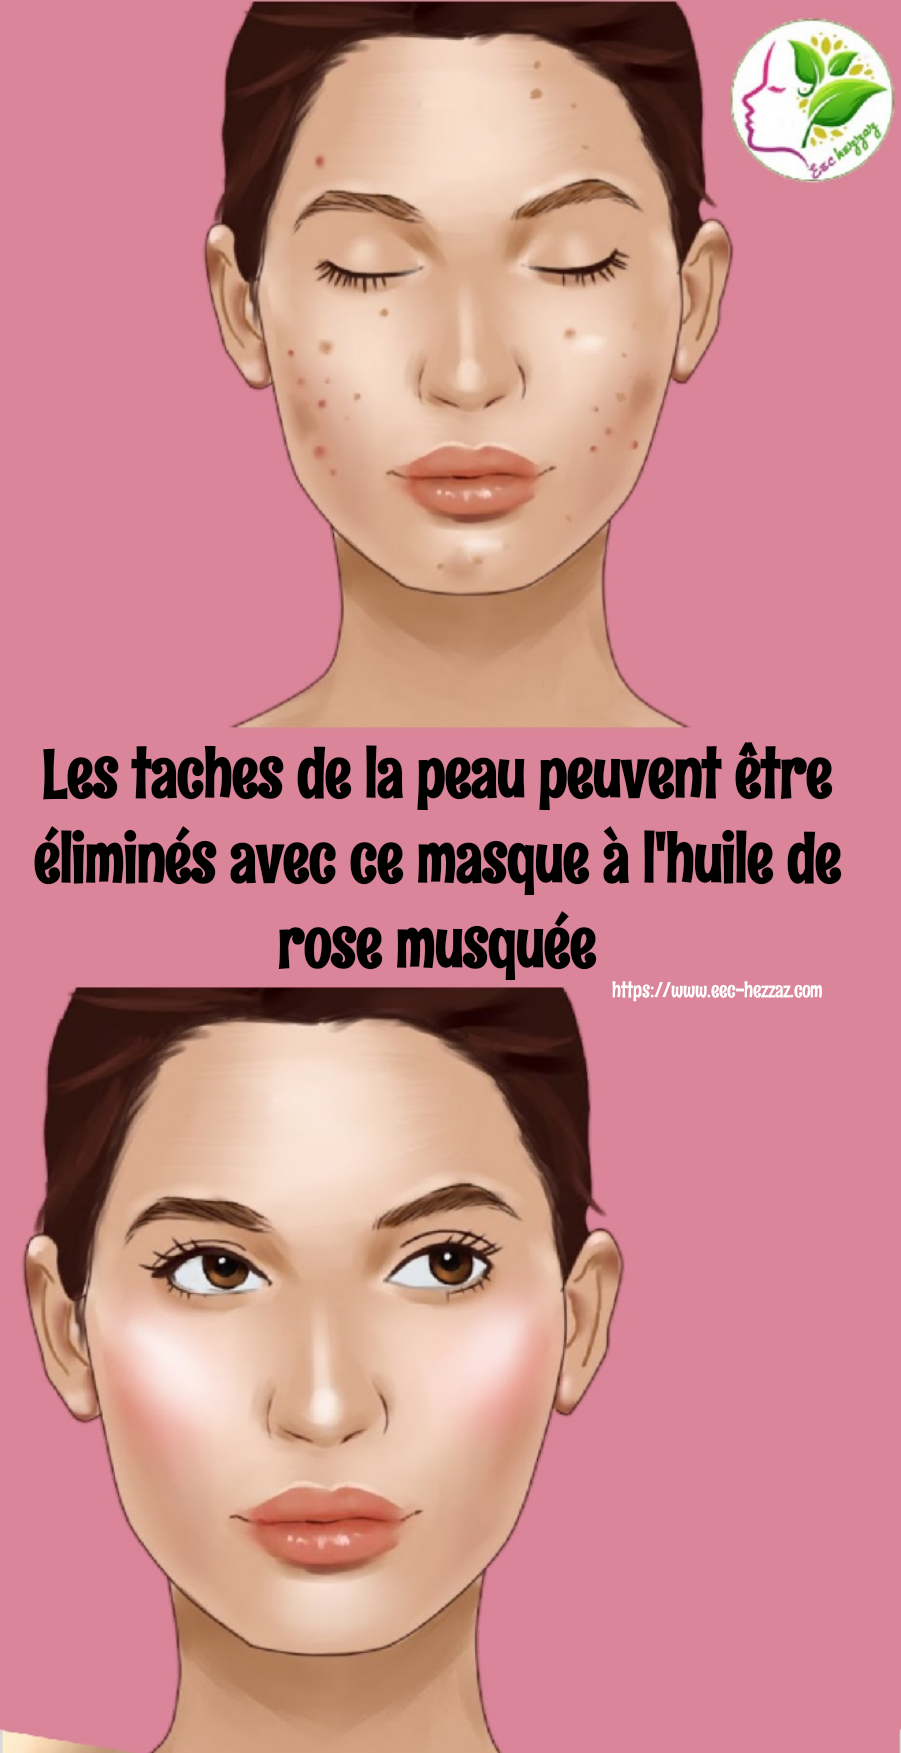 Les taches de la peau peuvent être éliminés avec ce masque à l'huile de rose musquée